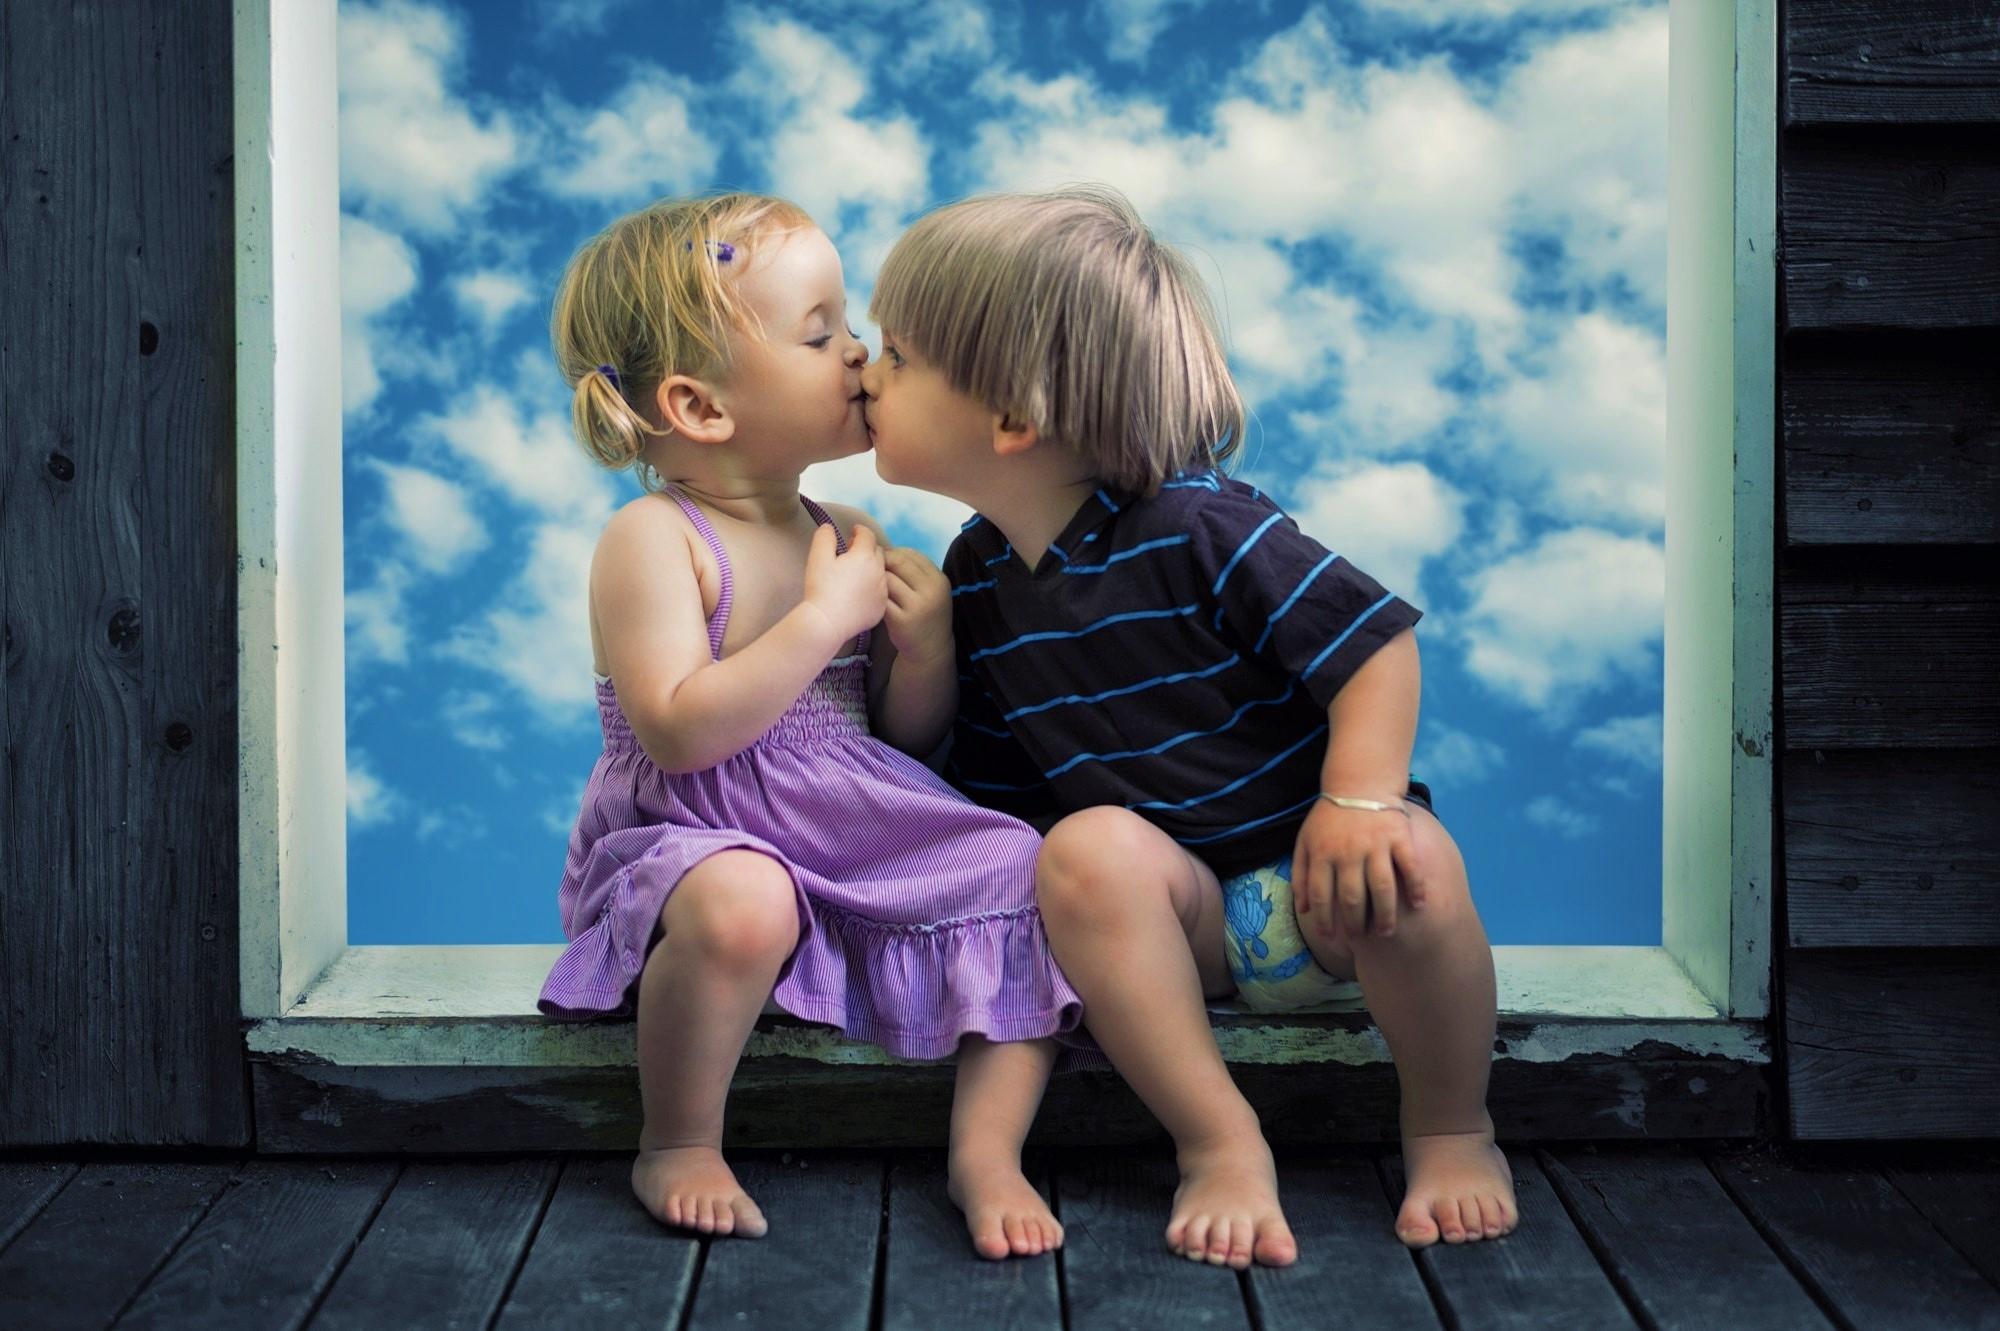 Little Boy Little Girl Cute Kiss, Hd Cute, 4K Wallpapers -7010